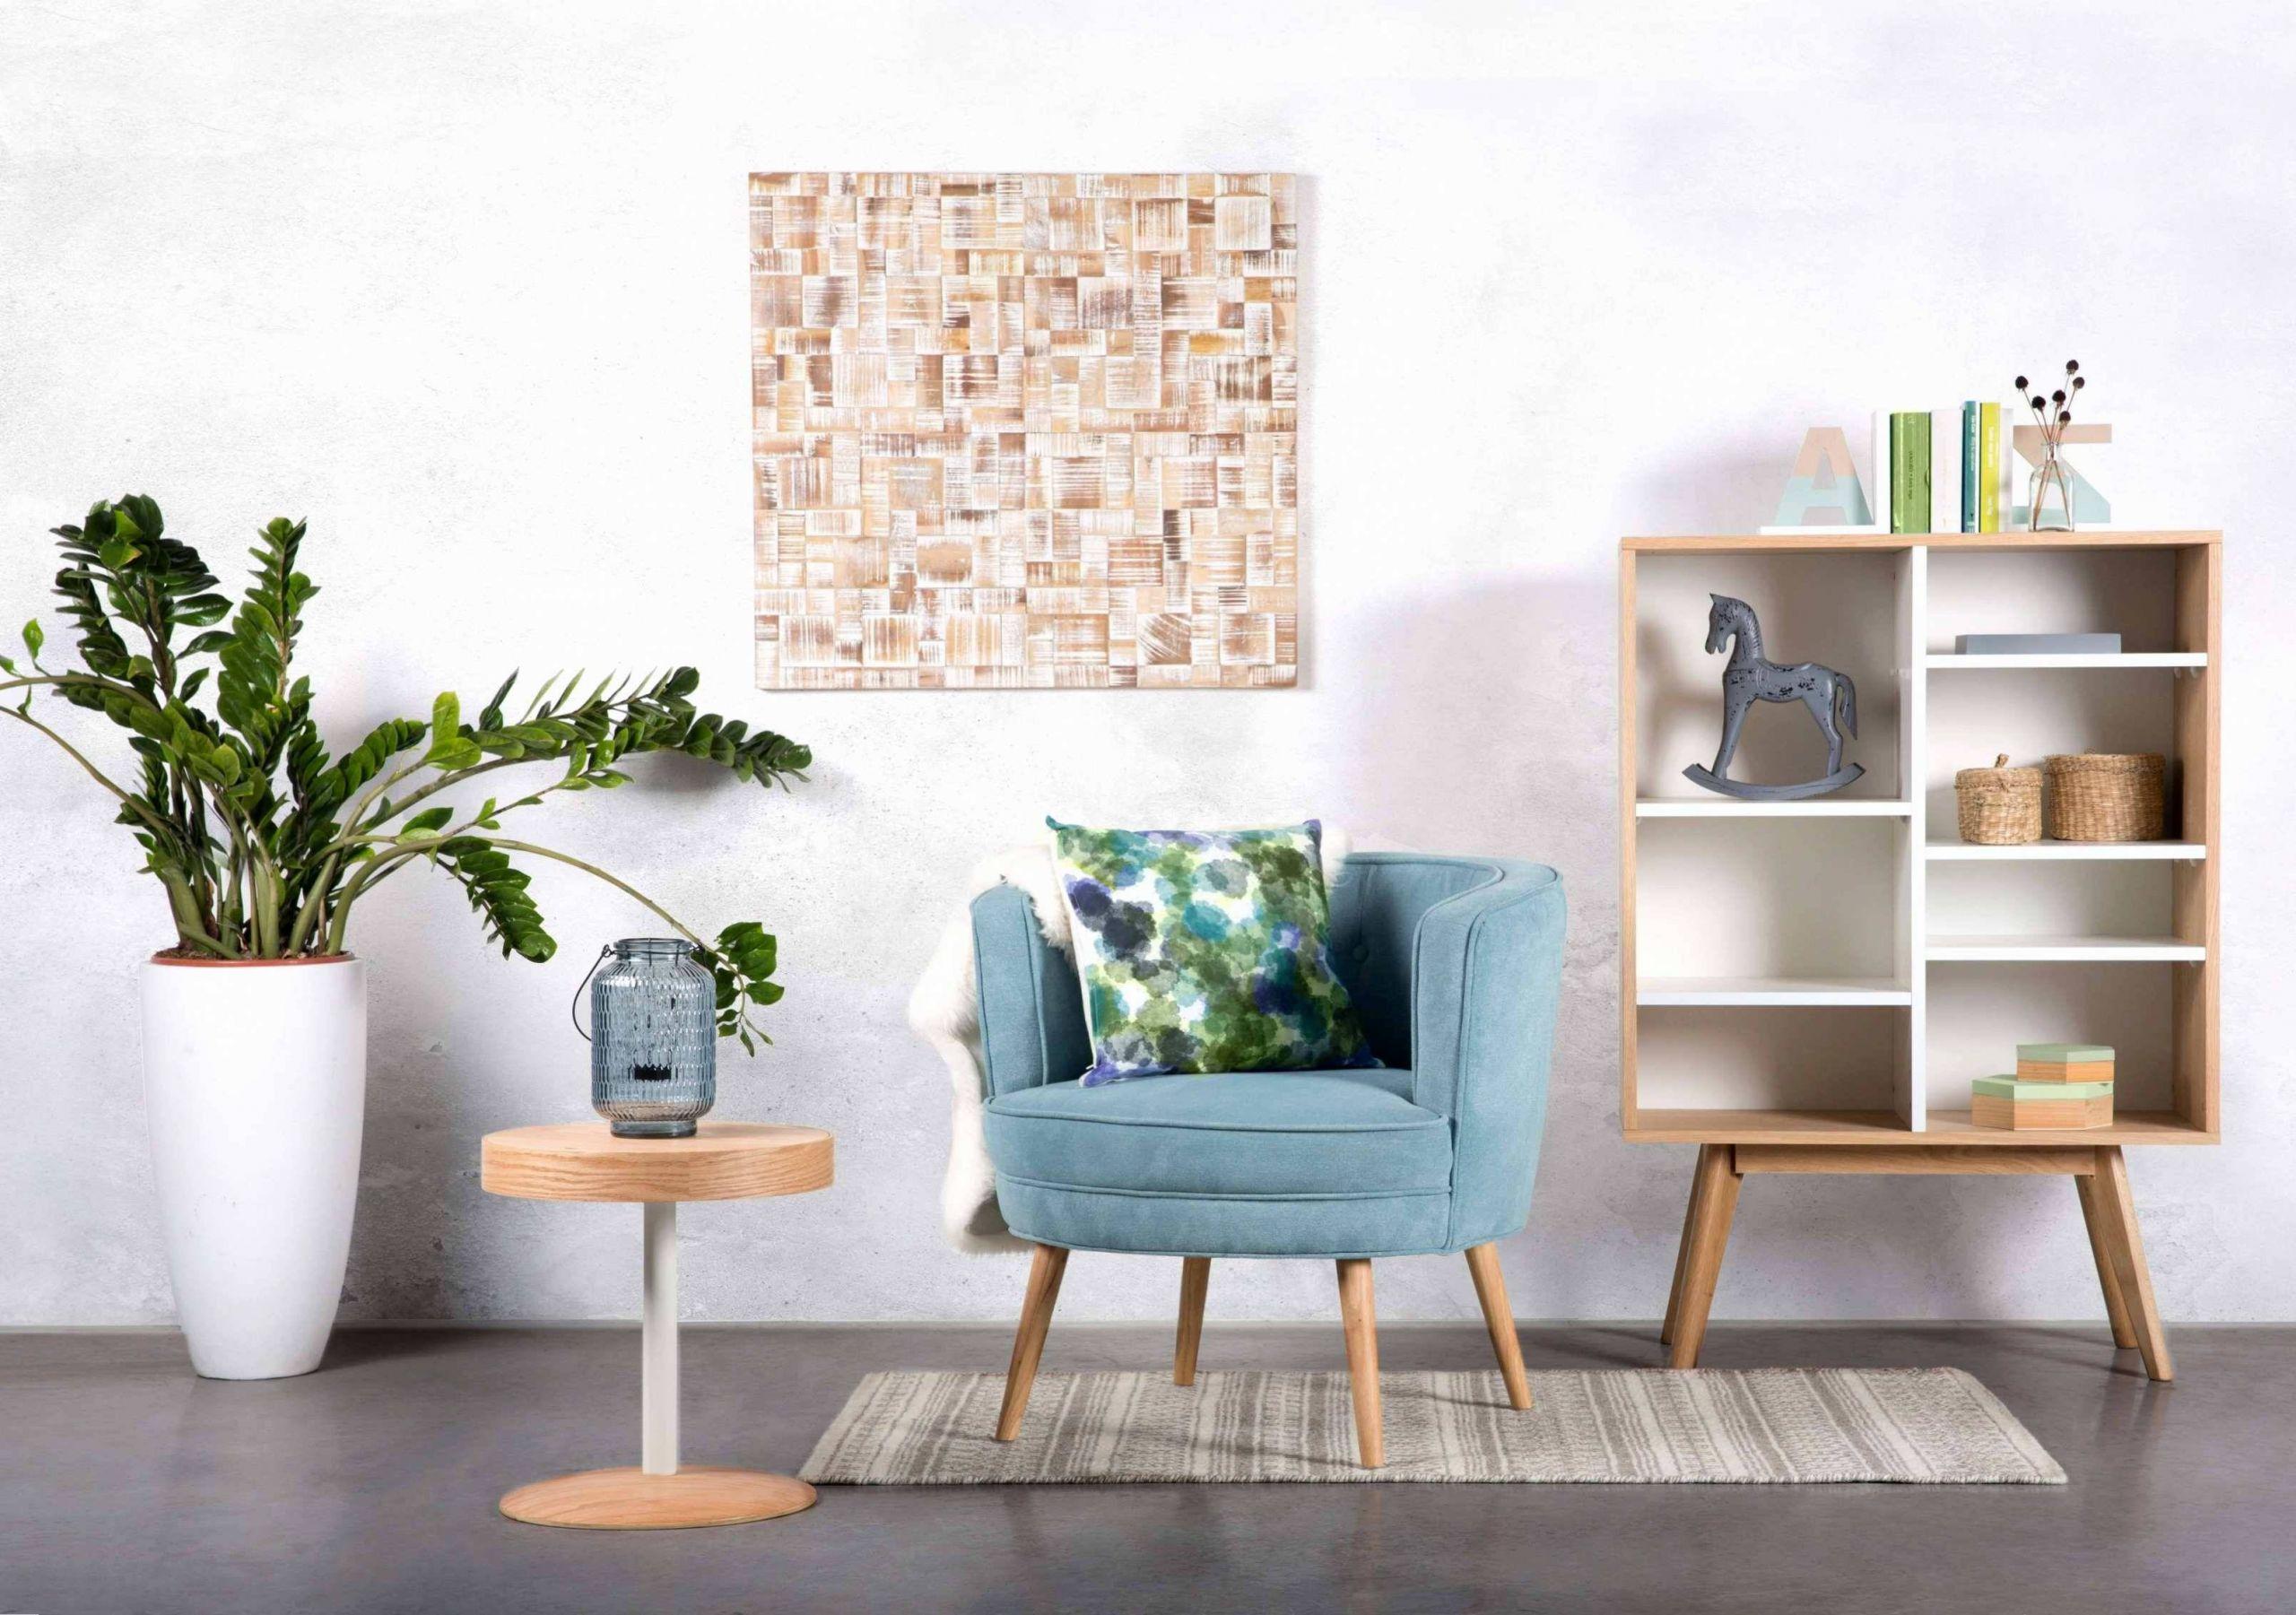 deko fur kleine wohnzimmer fresh wohnzimmer cappuccino streichen archives wohndesignme ideen elegant of deko fur kleine wohnzimmer